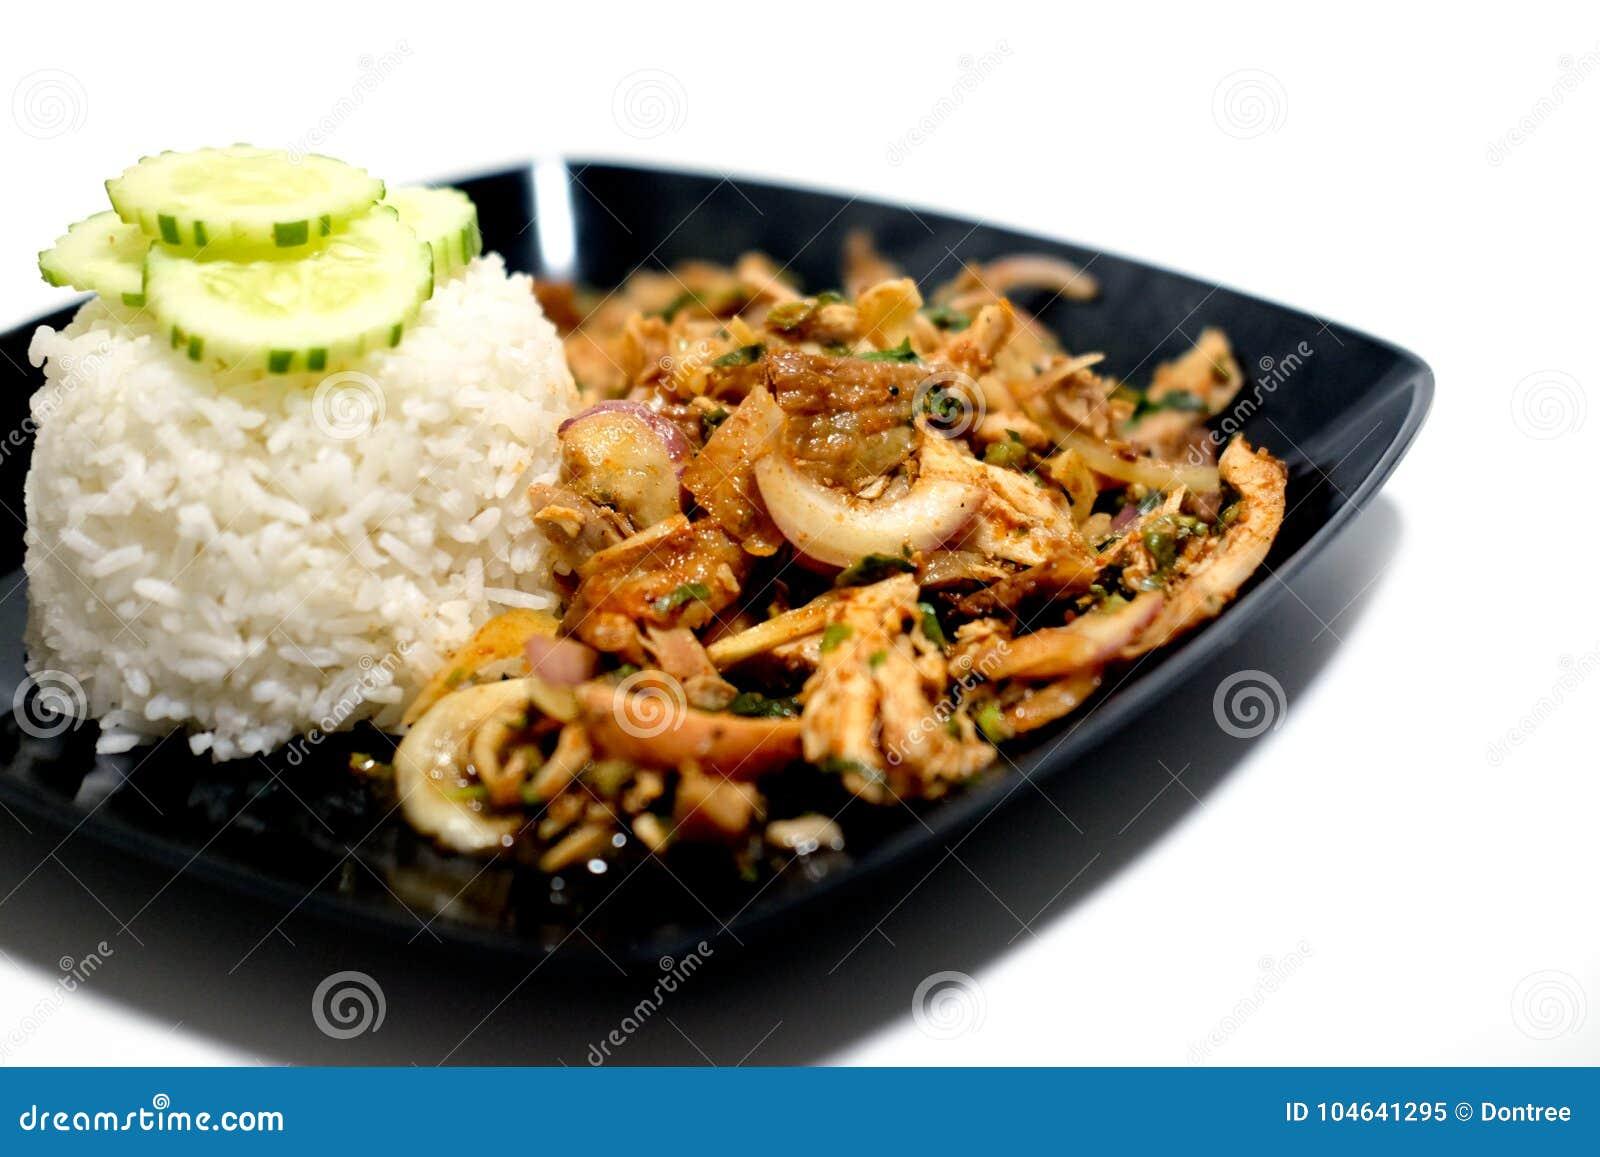 Download Geroosterde kip met rijst stock afbeelding. Afbeelding bestaande uit achtergrond - 104641295